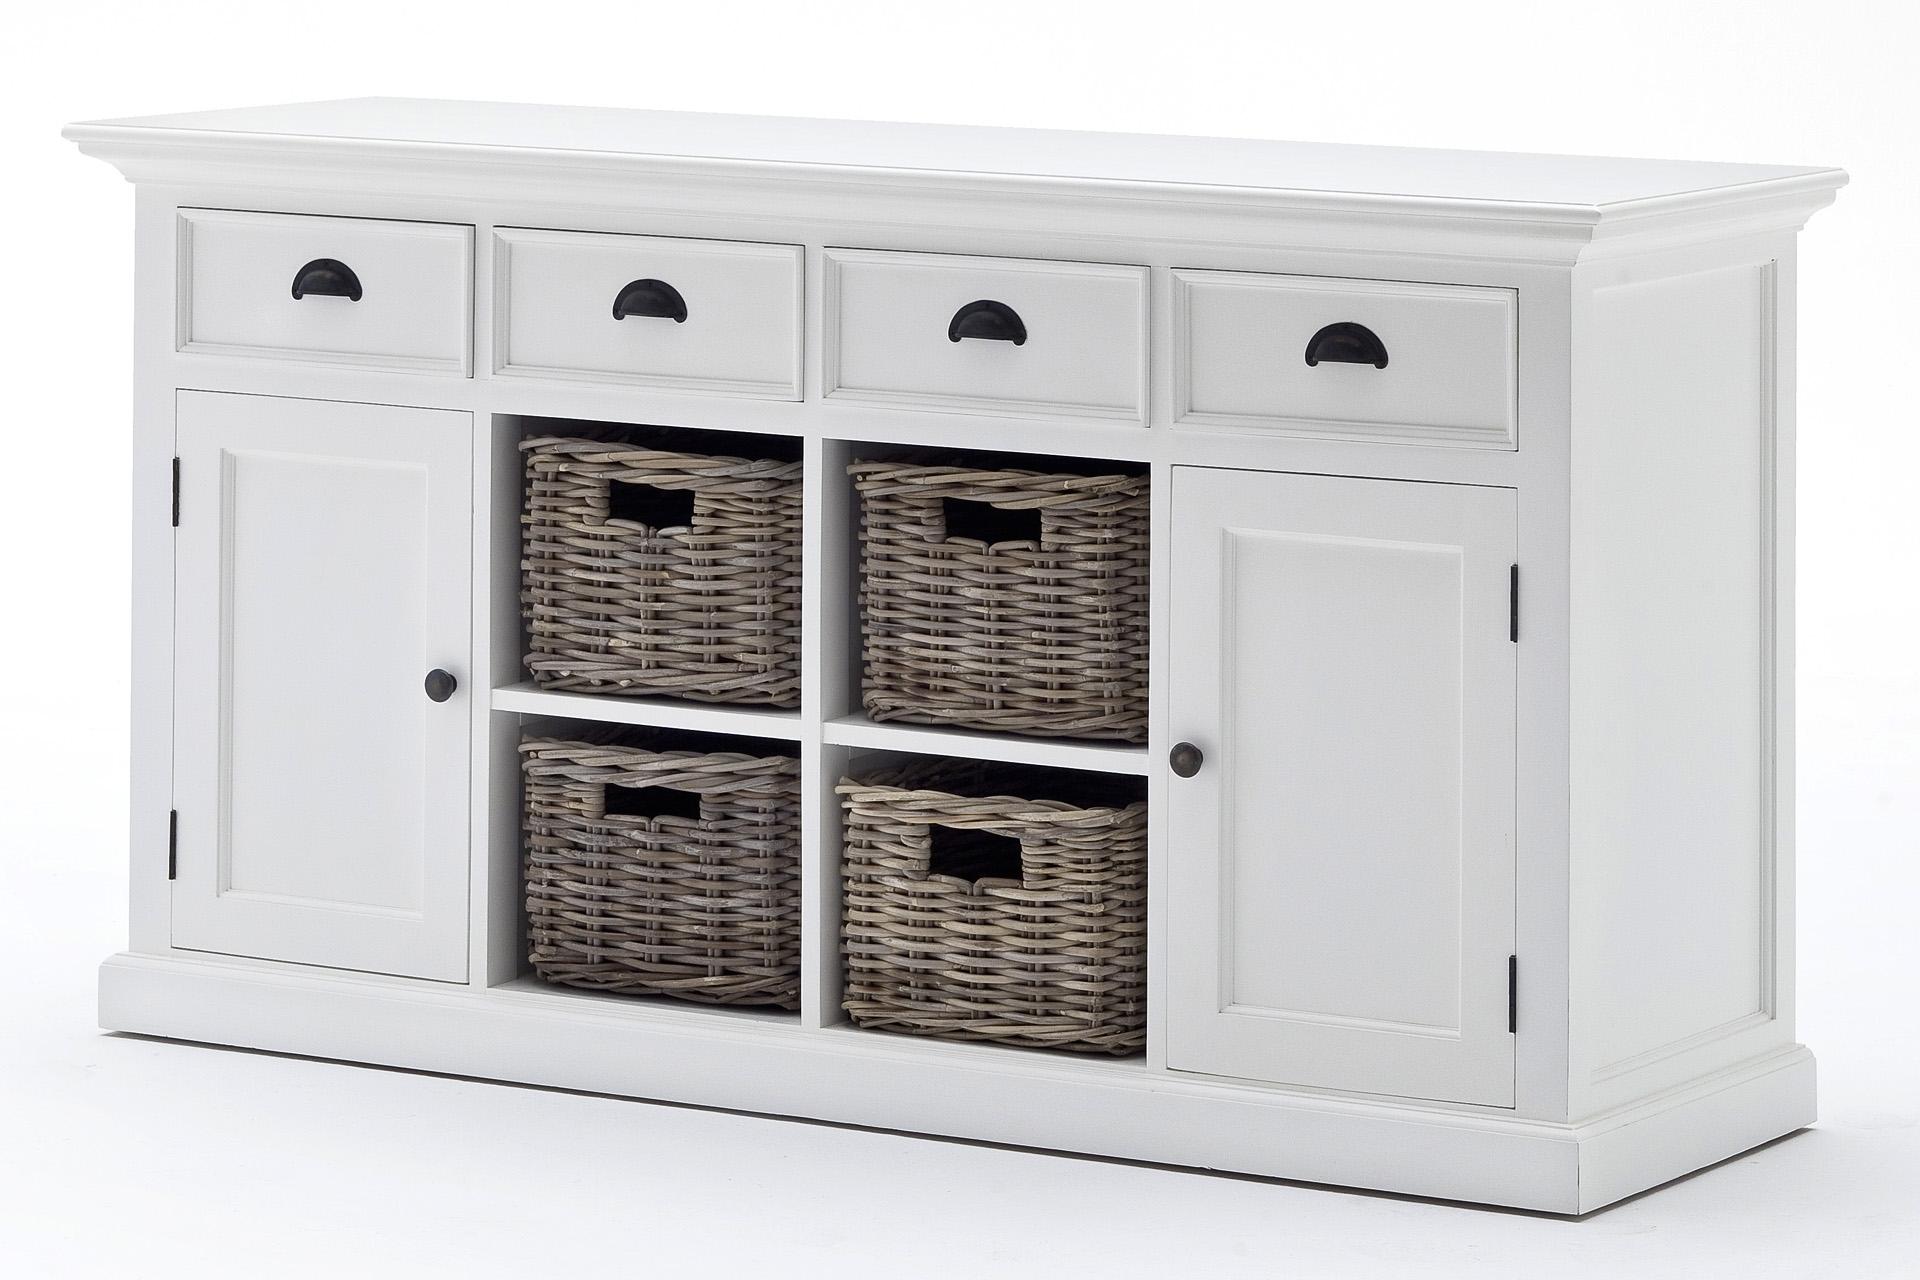 Keukenkast b een landelijke stijl uit de collectie marcottestyle